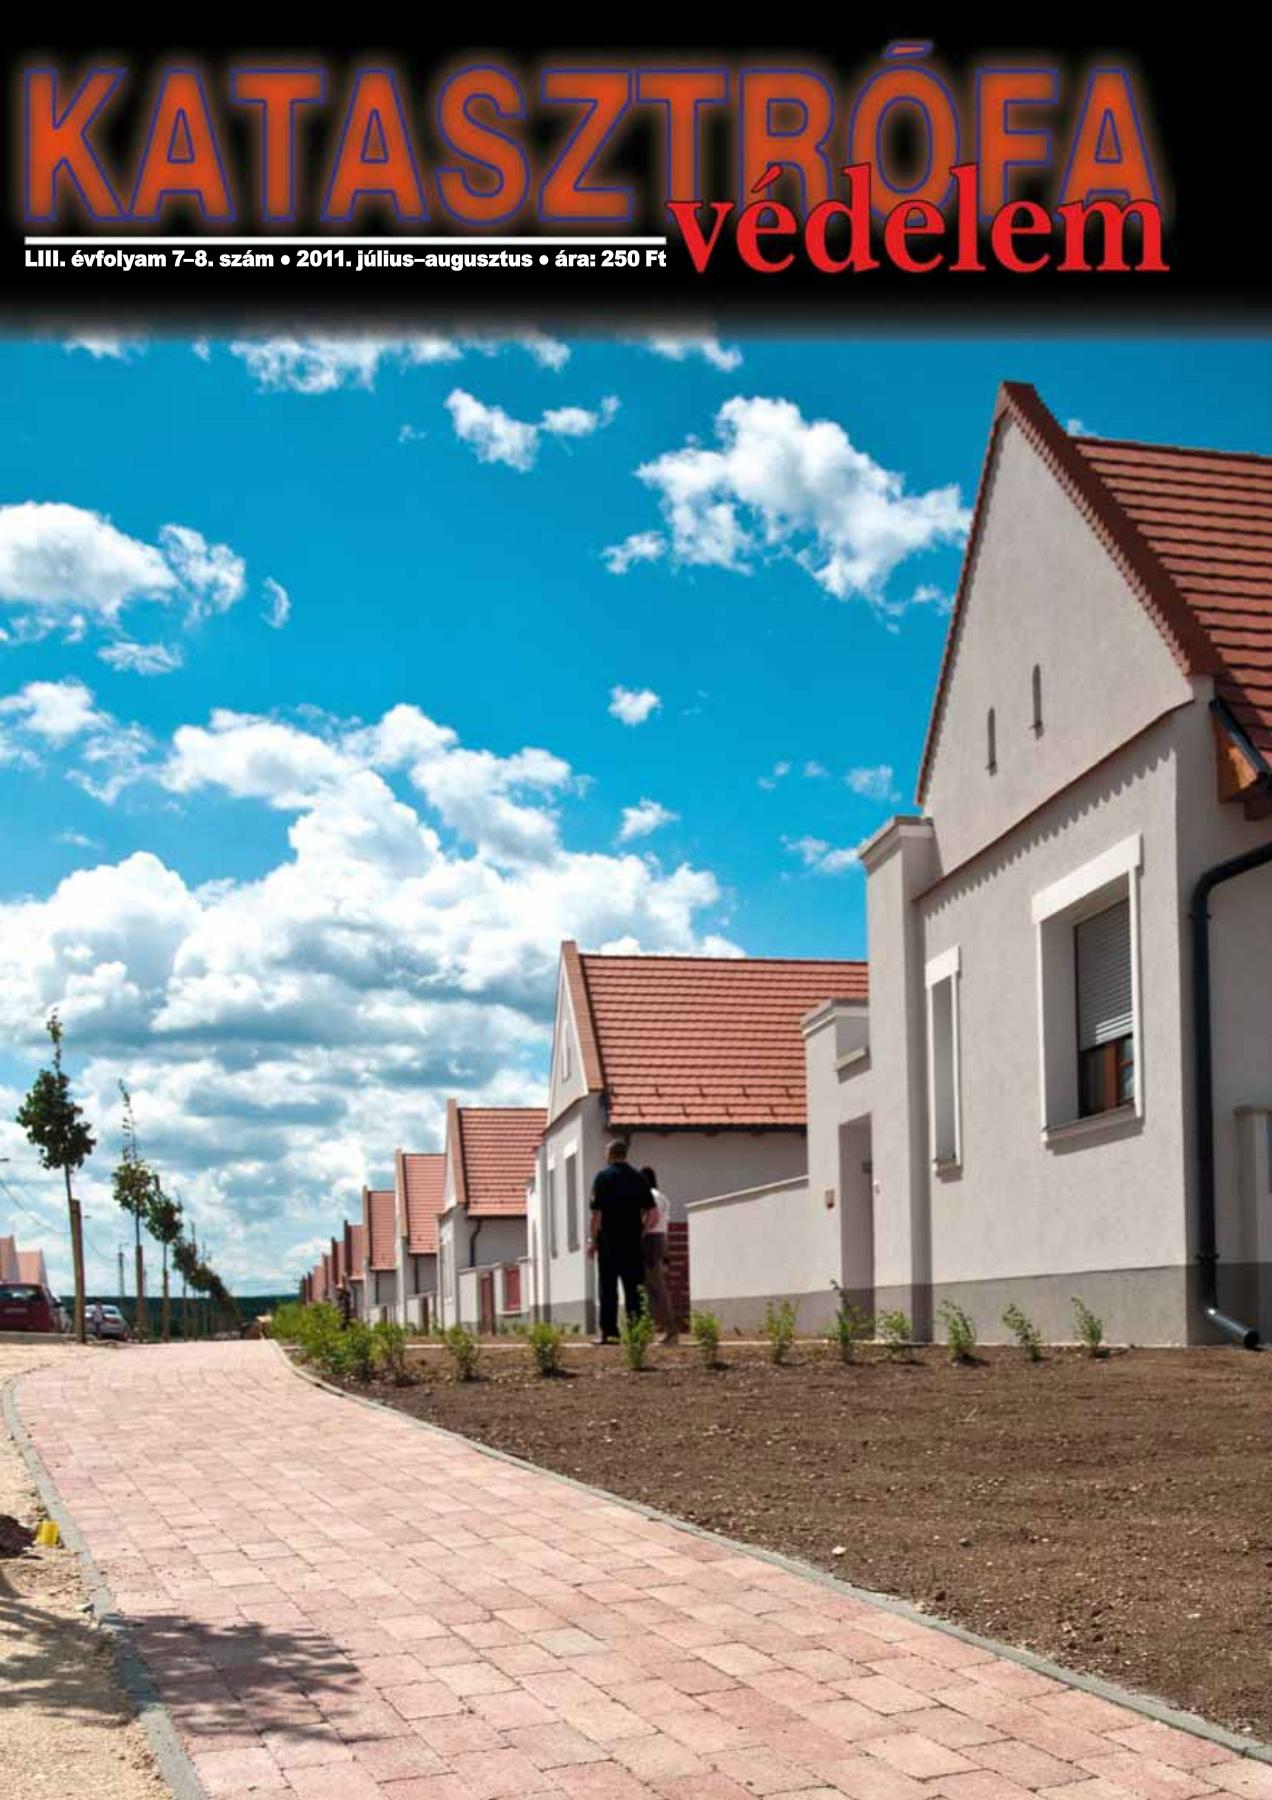 A Katasztrófavédelem magazin LIII. évfolyam 7-8. szám megtekintése